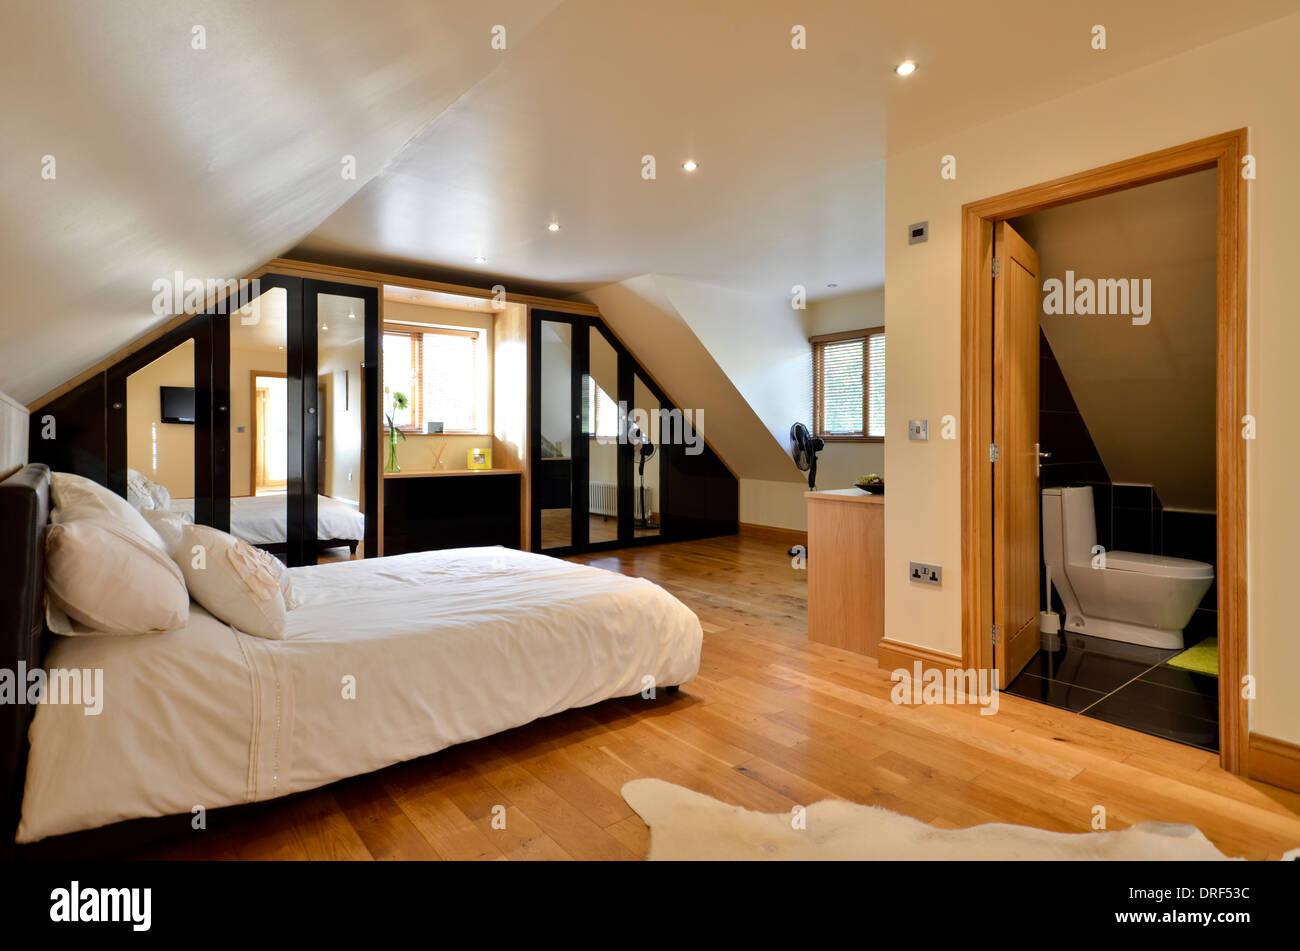 Moderne Schlafzimmer mit Ensuite-Badezimmer Stockfoto, Bild ...